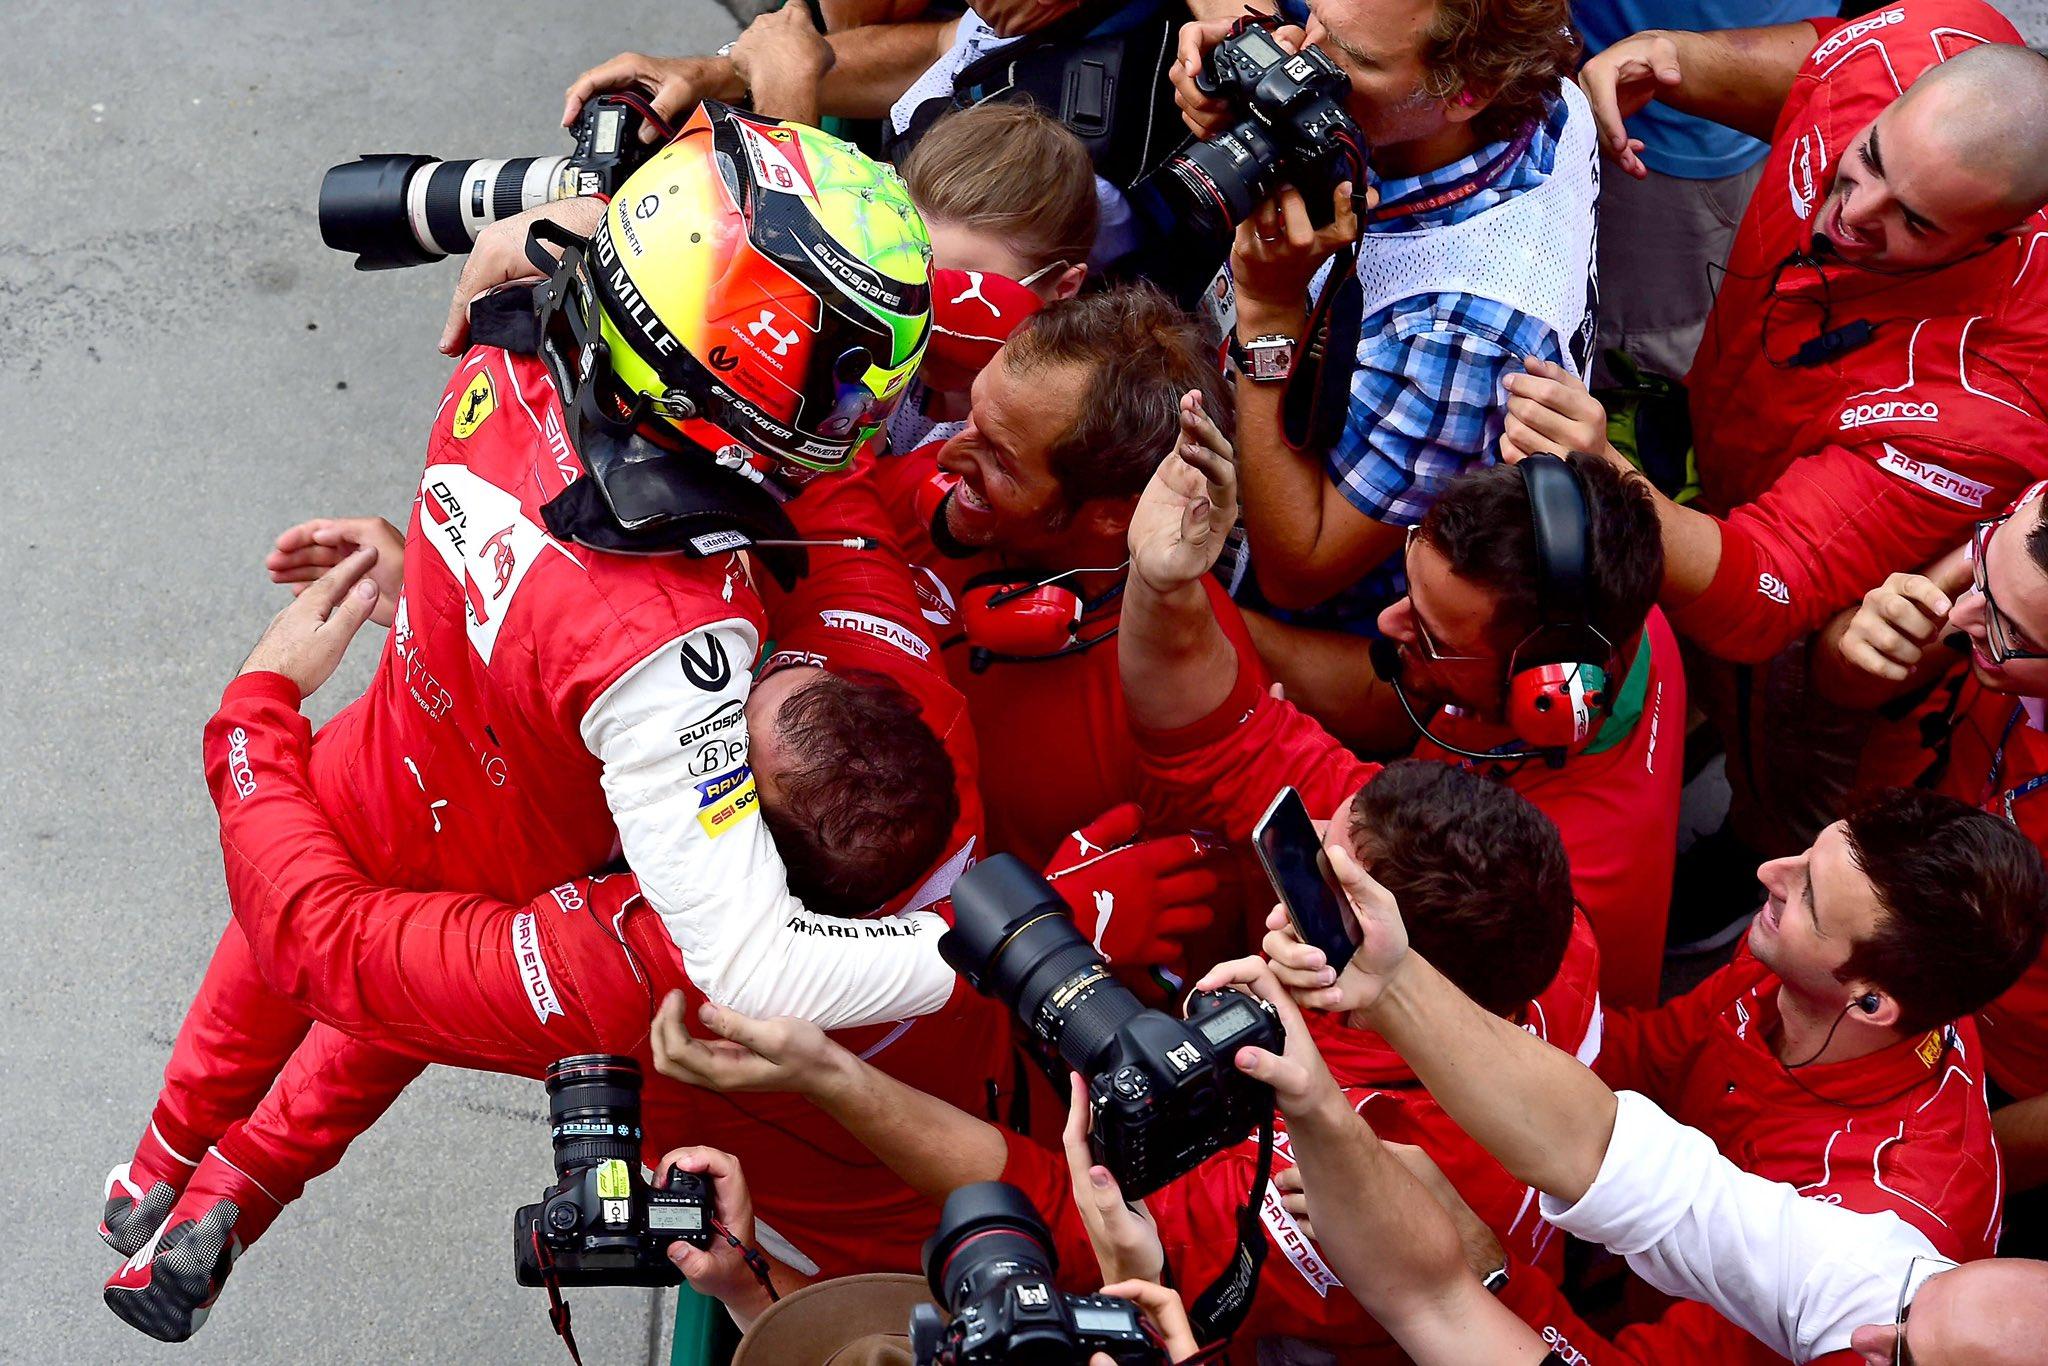 Mick celebrando con su equipo